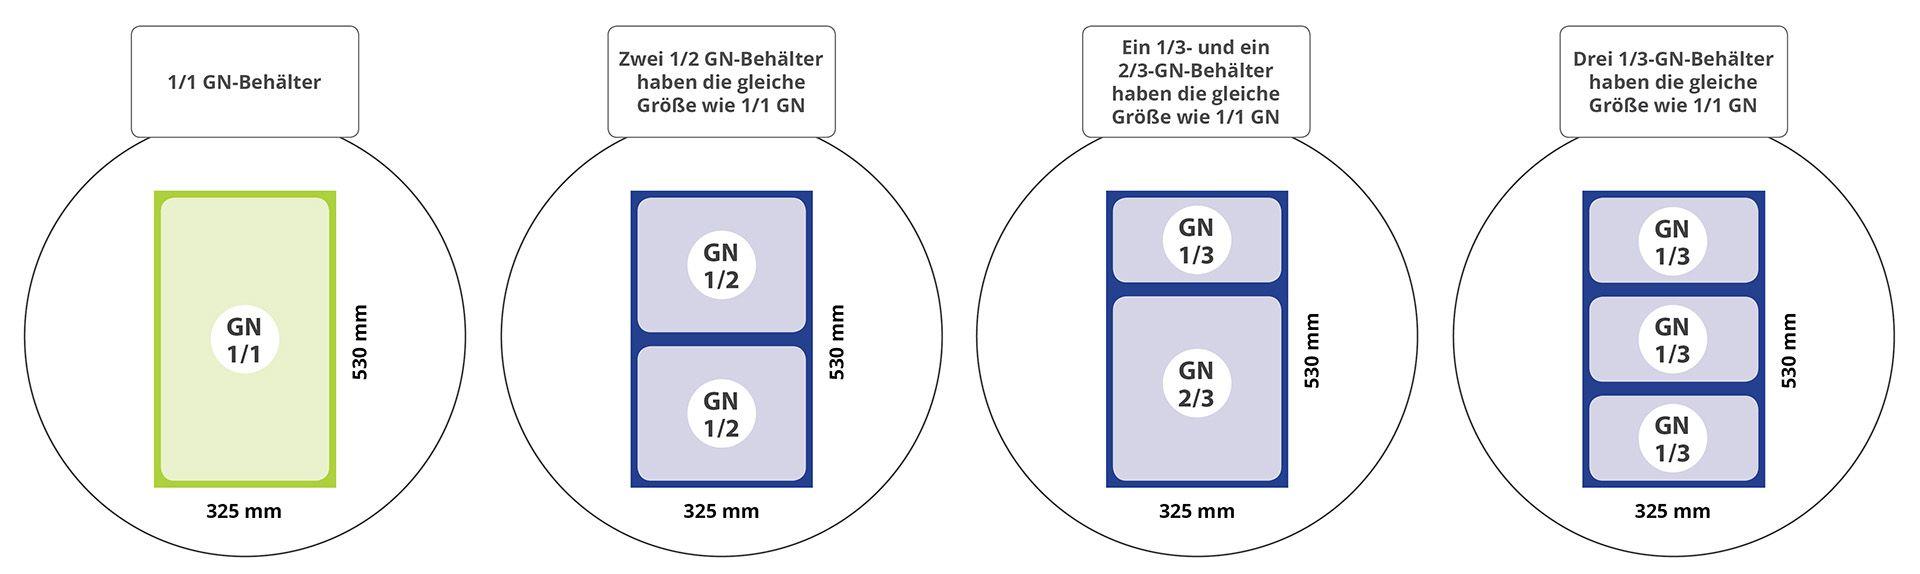 Möglichkeiten GN-Behälter zu kombinieren